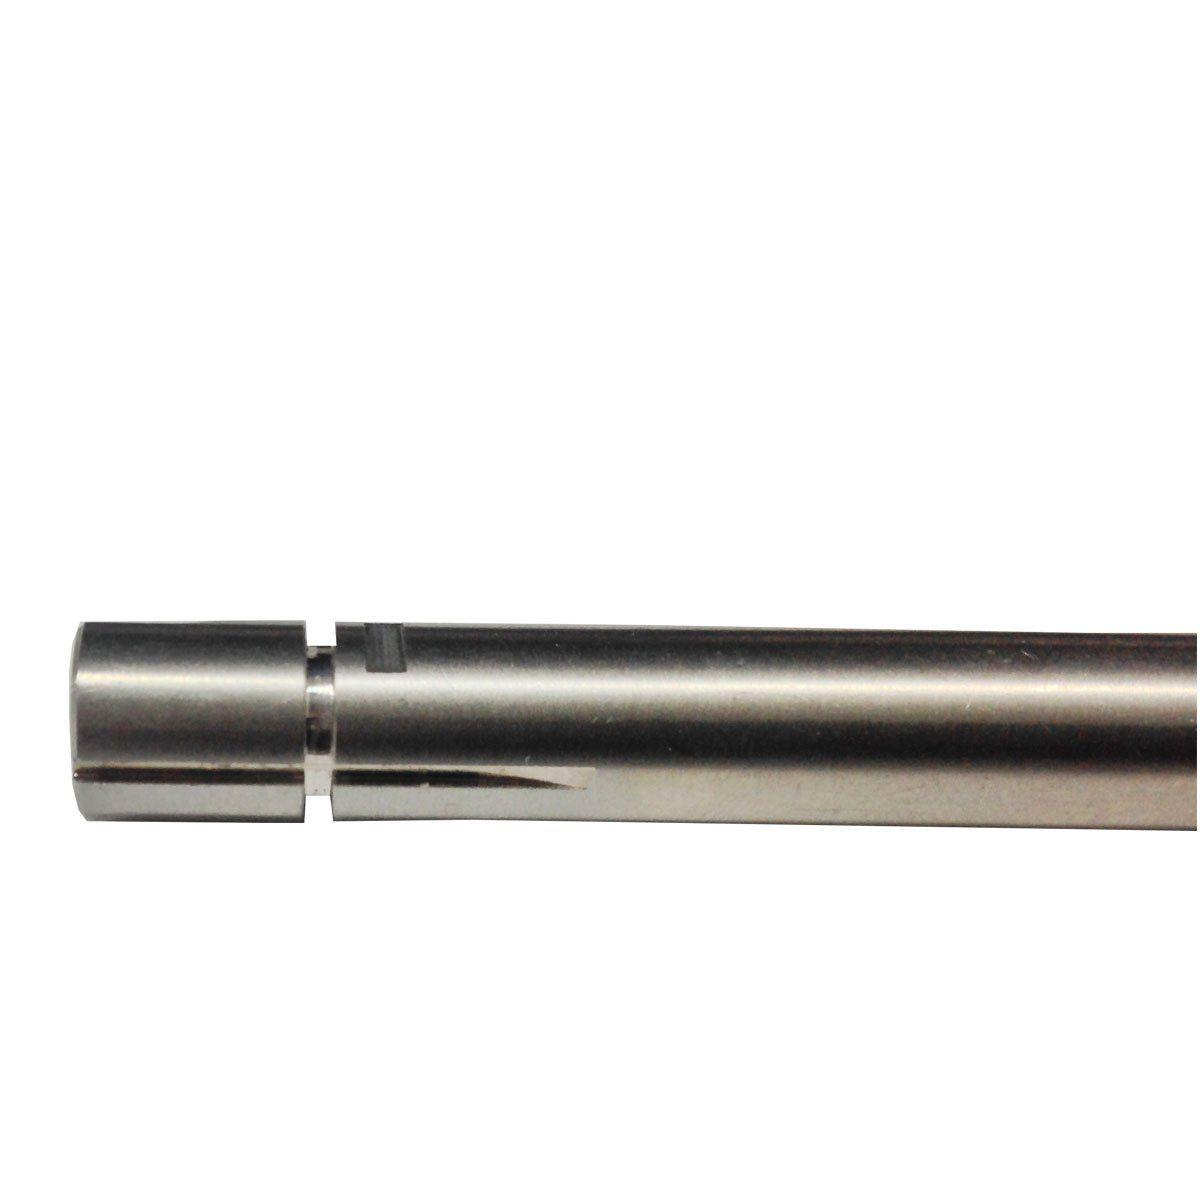 Cano de Precisão em Aço Inox para Pistola 112.4mm 6.02mm